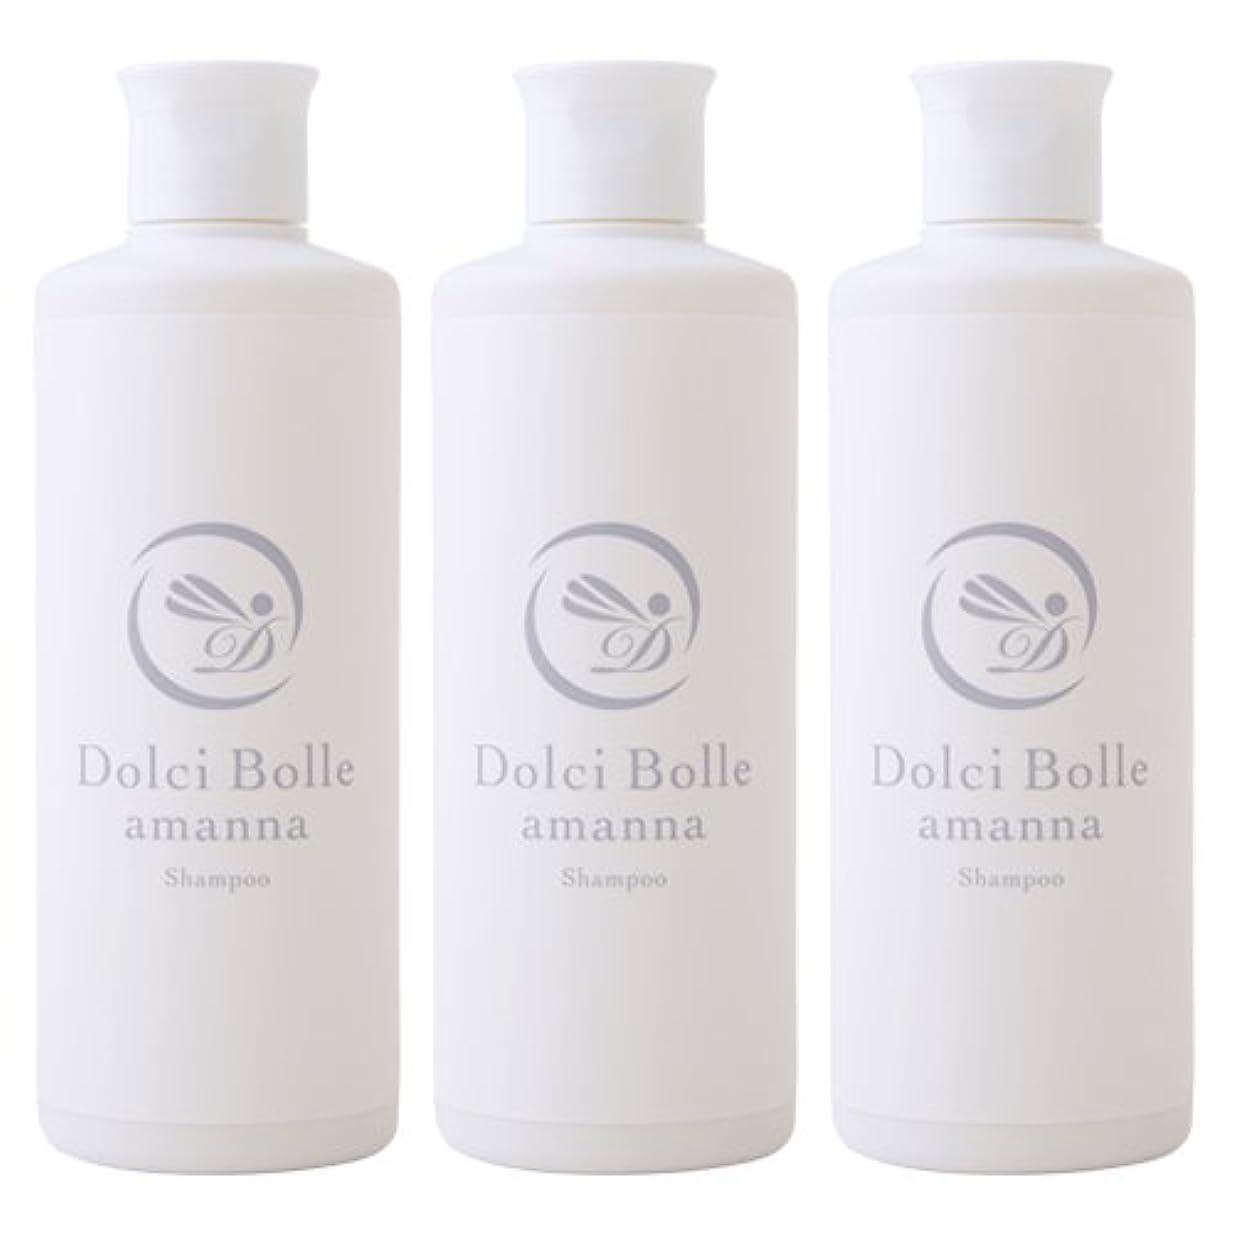 剥離旅行代理店化合物Dolci Bolle(ドルチボーレ) amanna(アマンナ) シャンプー 300ml 3本セット